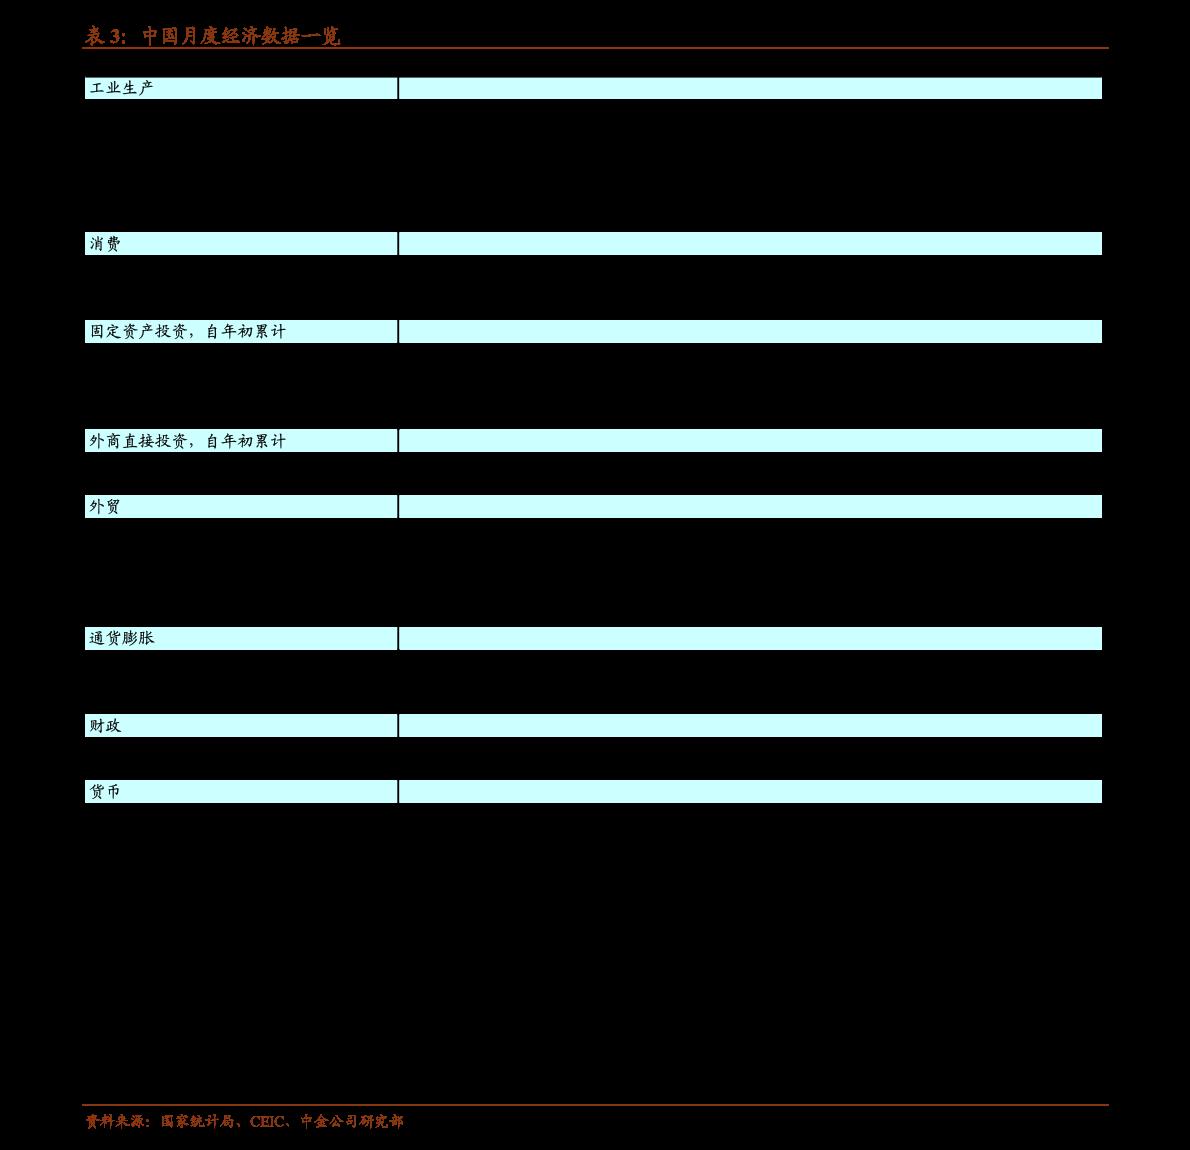 粤开雷火电竞平台-【粤开宏观】再遭弹劾:那些年被弹劾的美国总统何去何从-210113